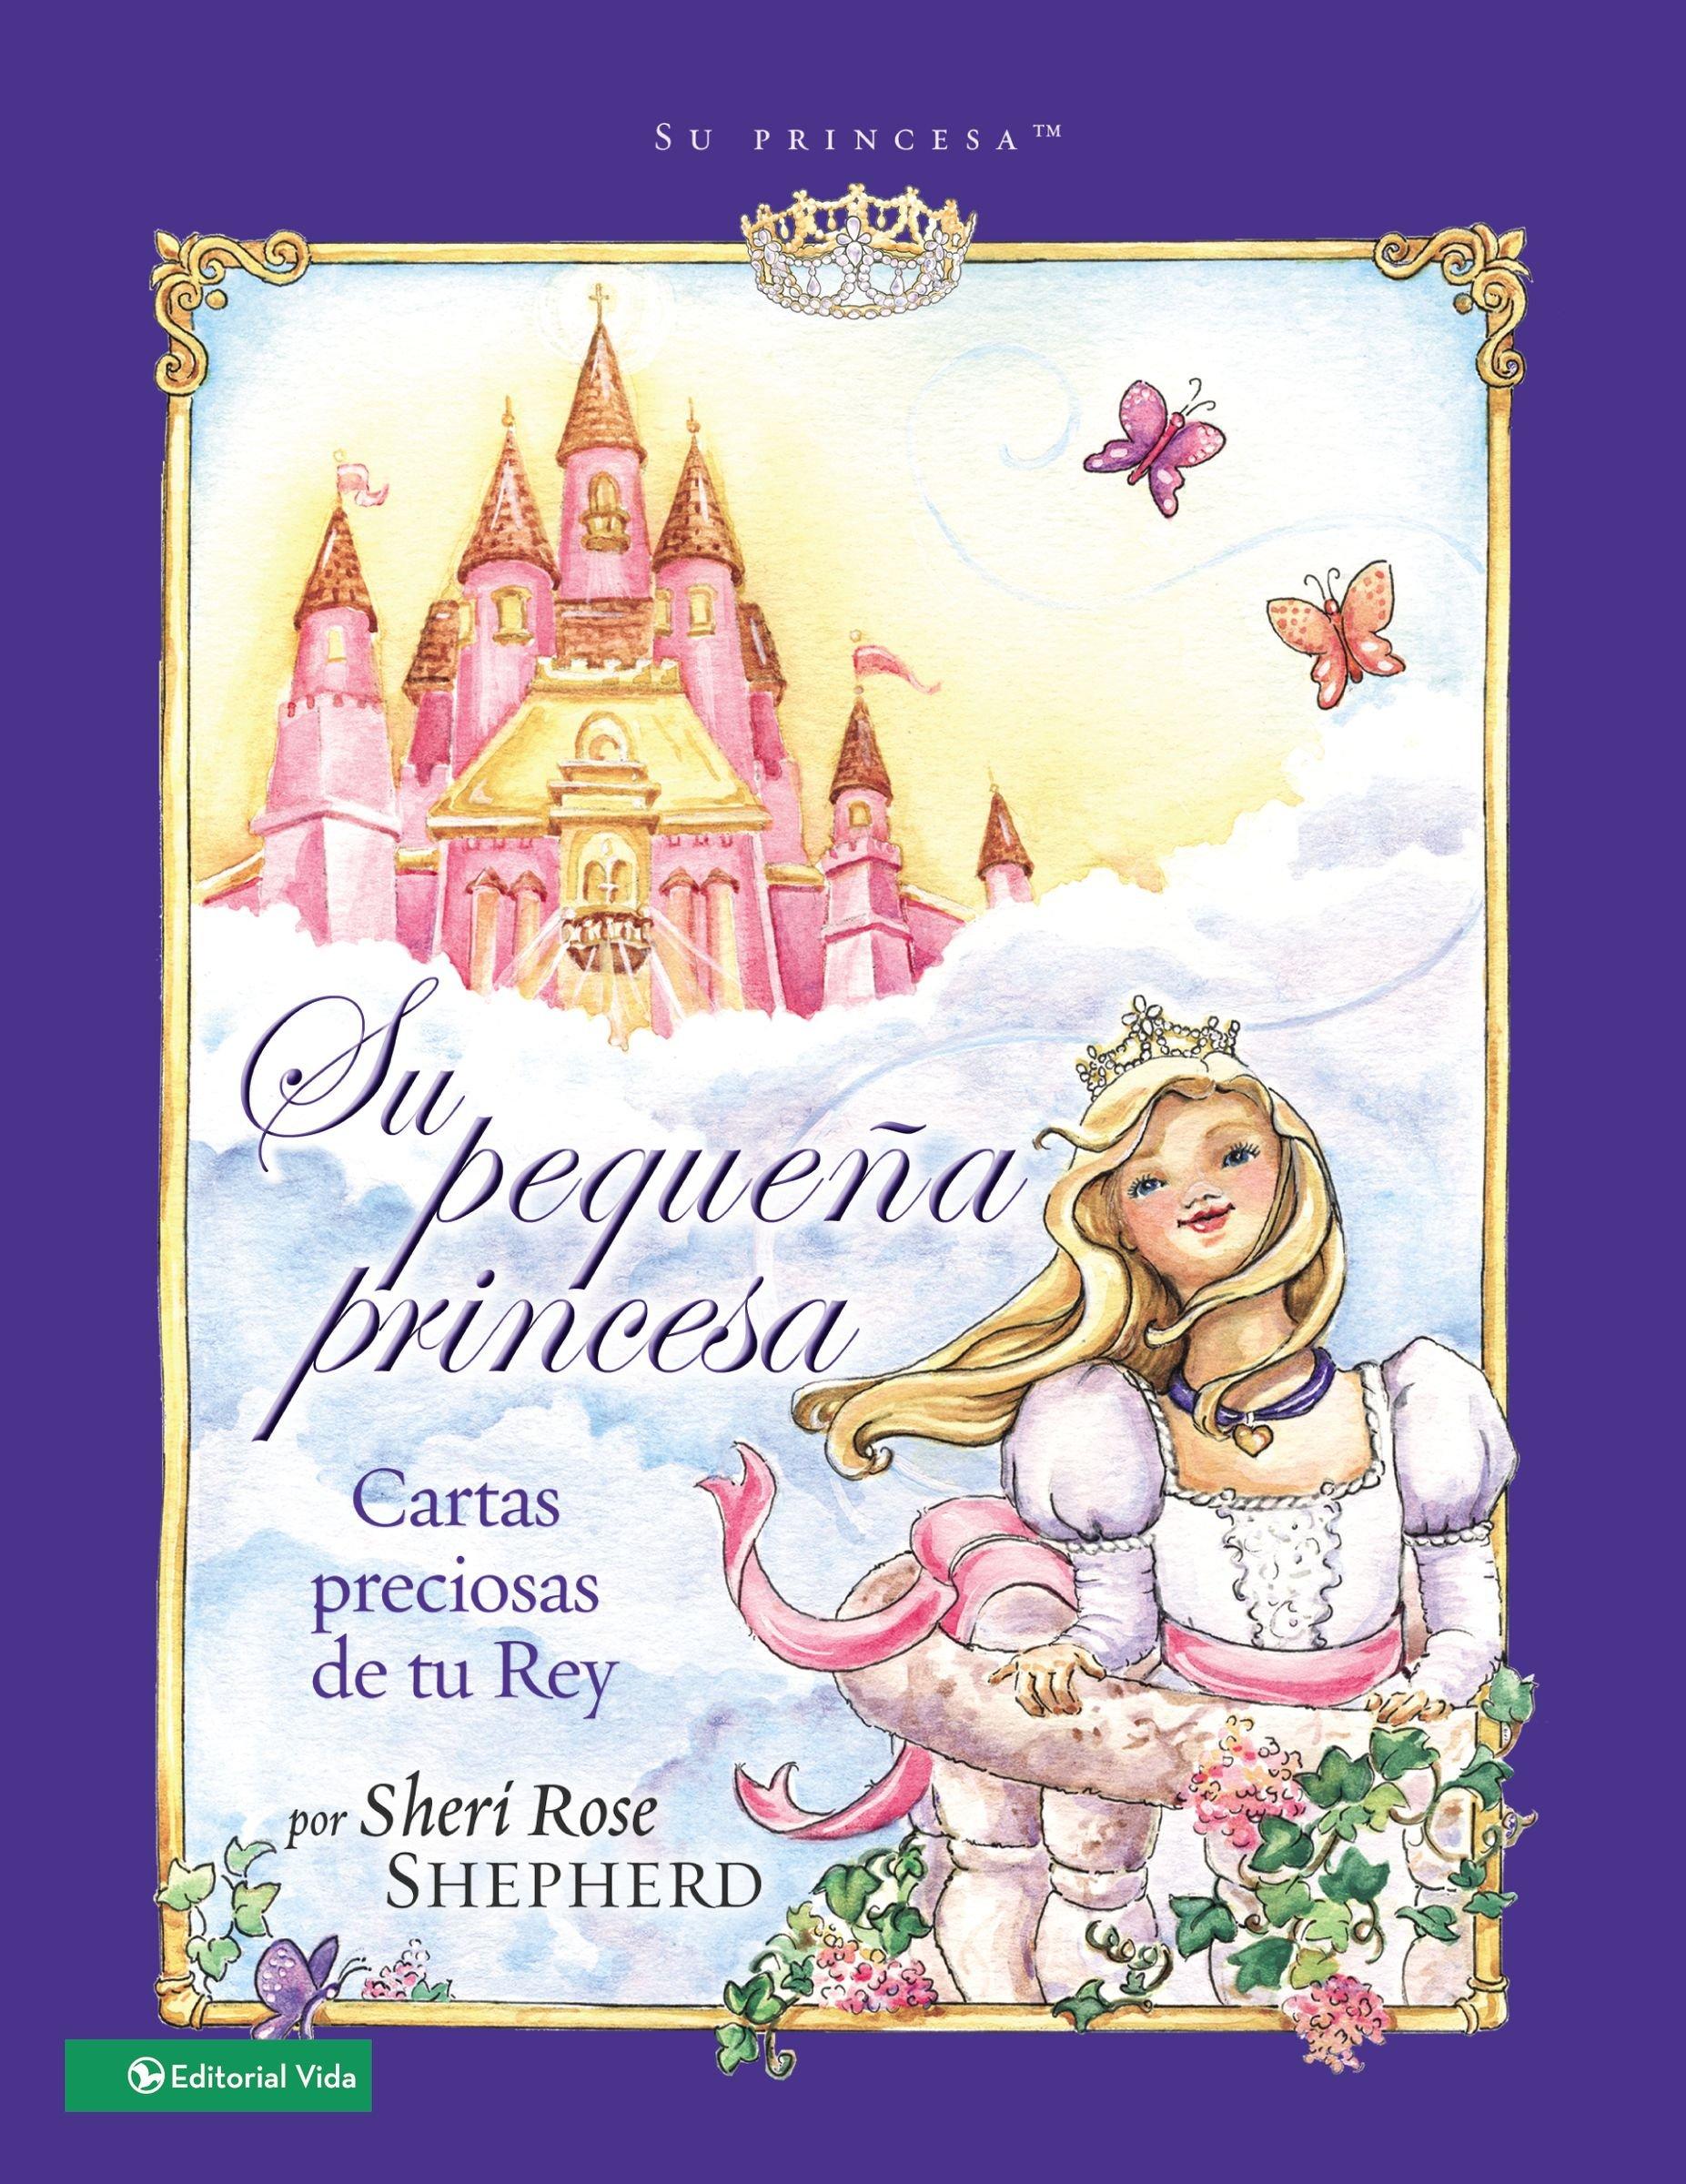 Amazon.com: Su pequeña princesa: Cartas preciosas de tu rey ...